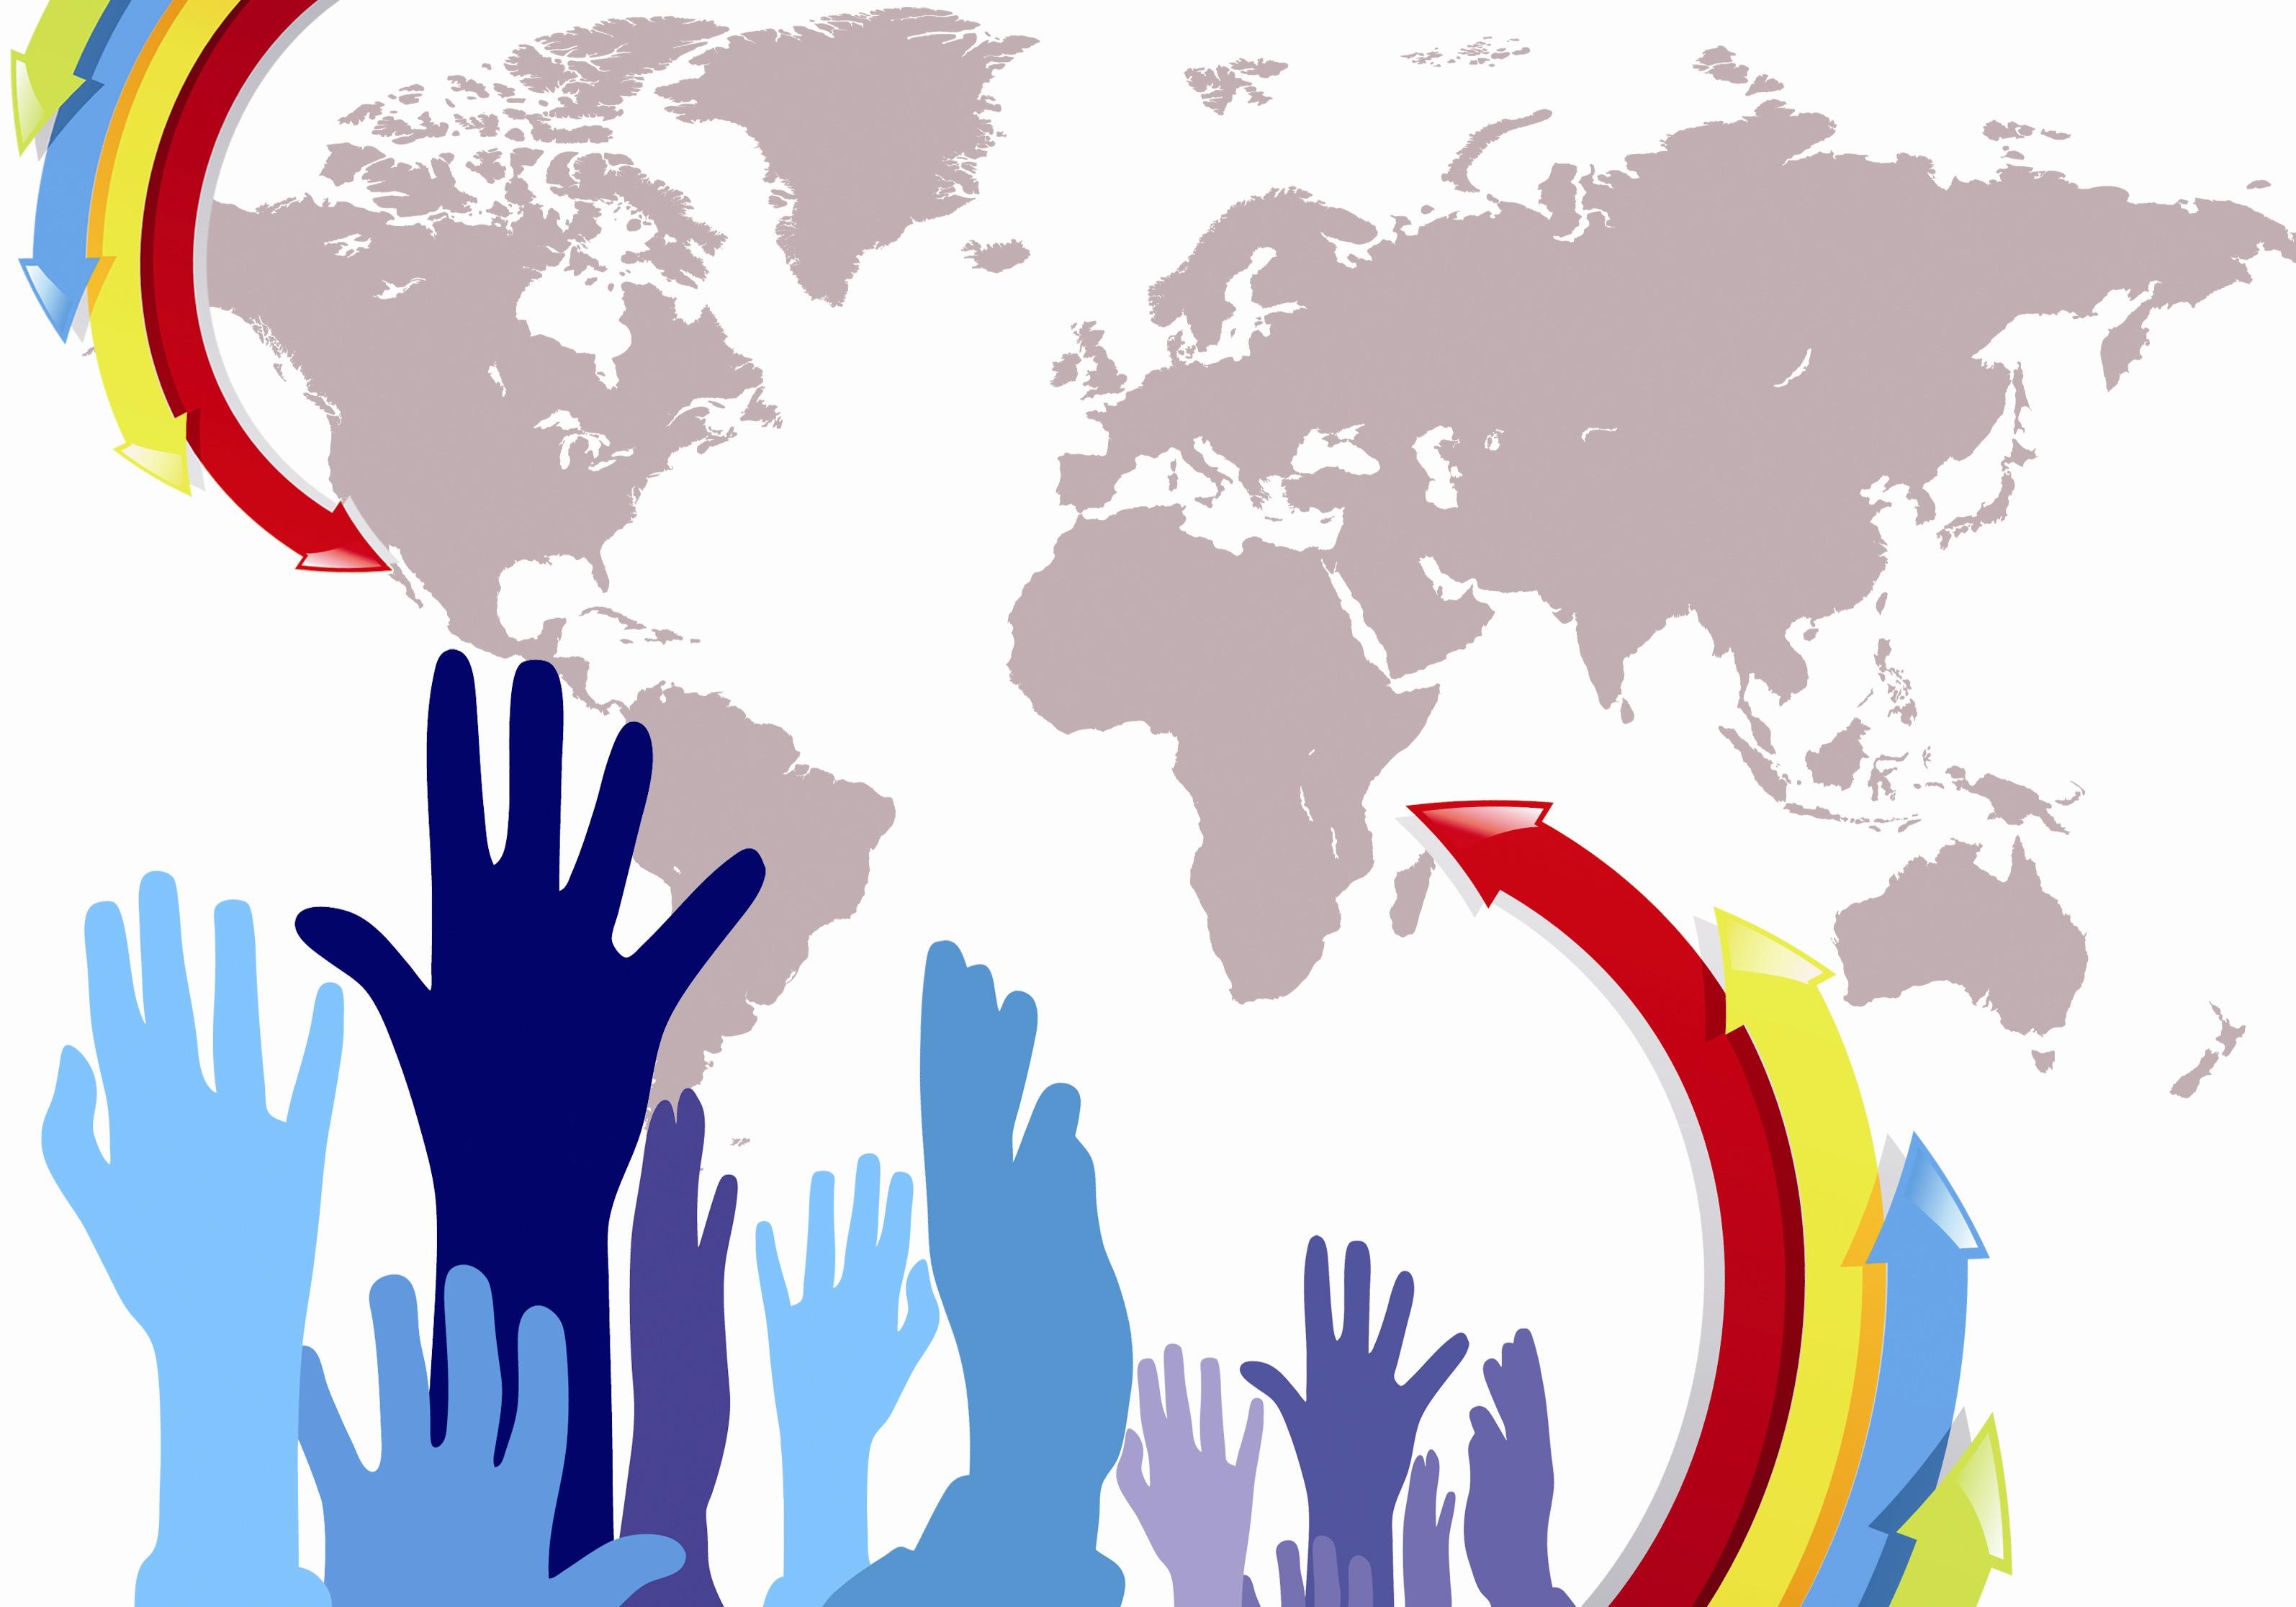 نقش برجسته سازمانهای مردم نهاد در رونق تولید/ رفاه عمومی به عنوان هدف اصلی سمنها تعریف شود